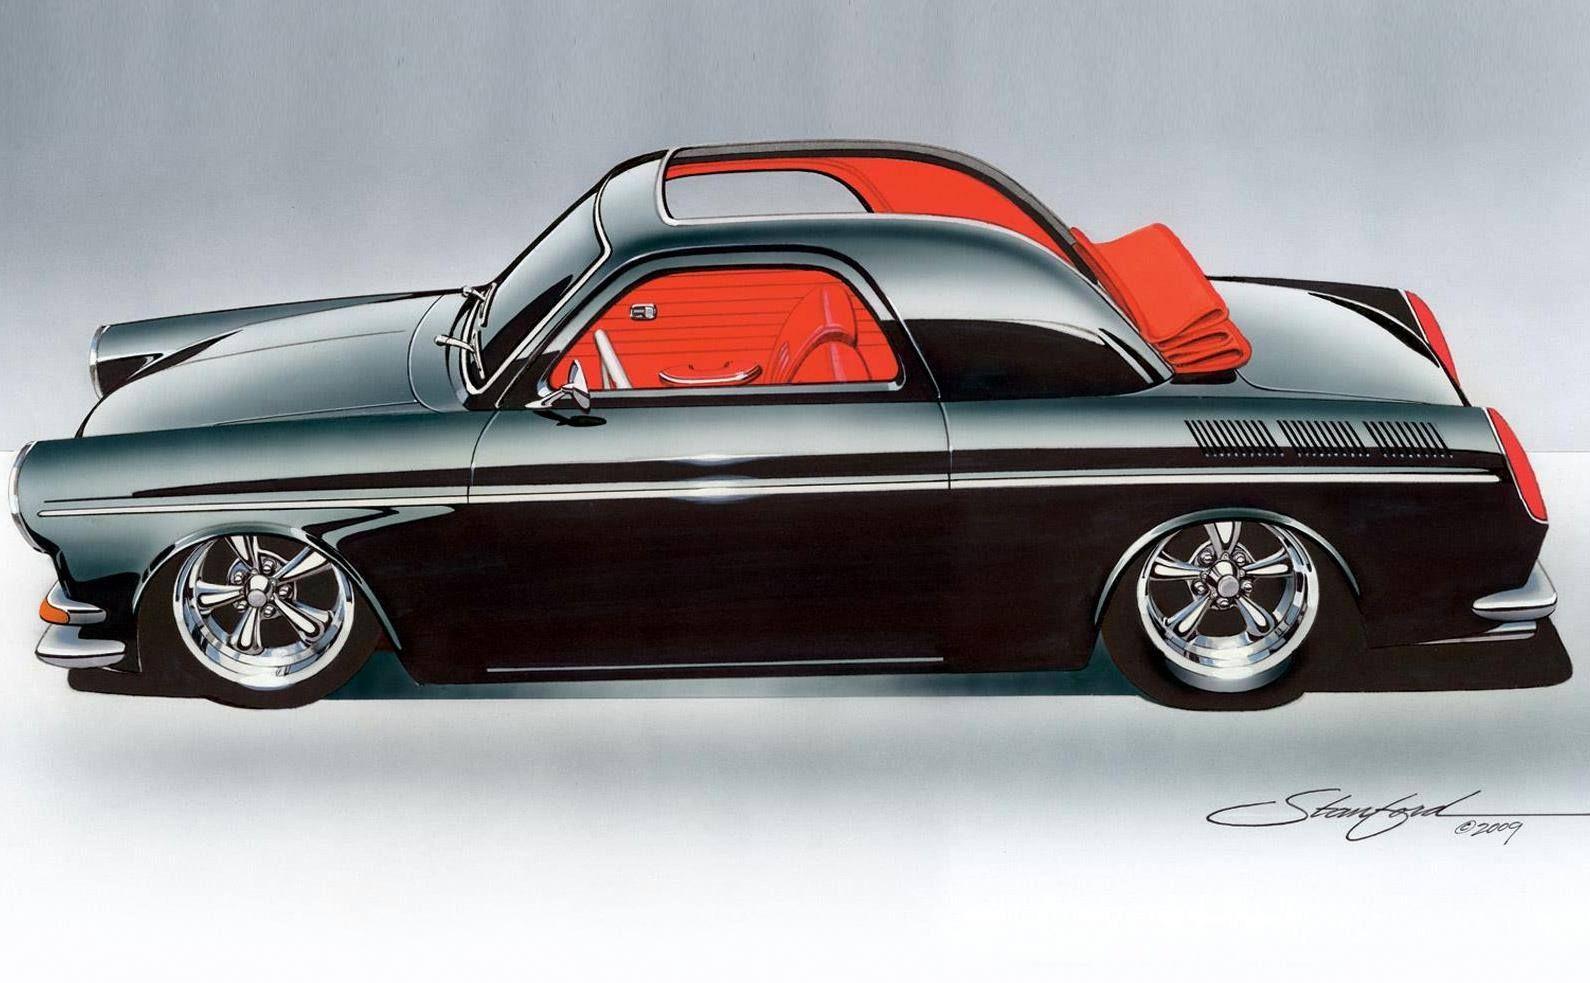 Illustration By Steve Stanford Art Cars Automotive Illustration Volkswagen